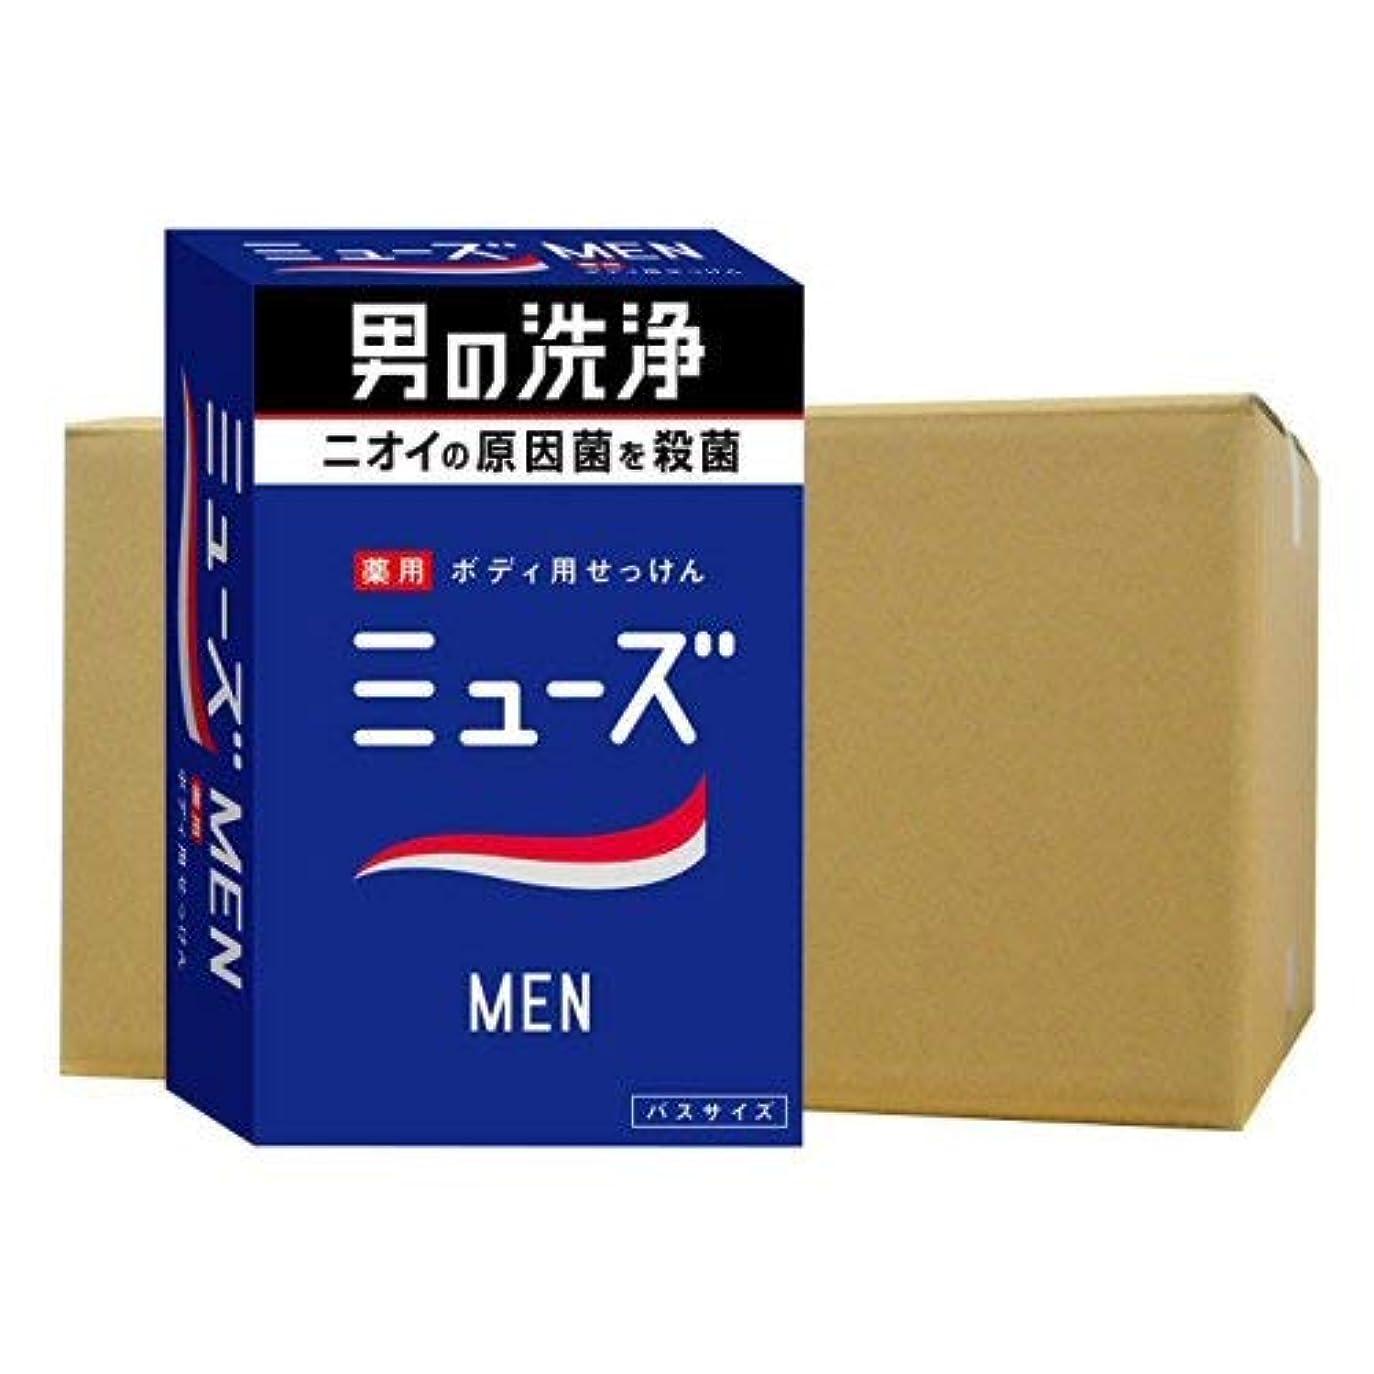 スタジオ悔い改める普遍的なミューズメン薬用石鹸 135g×24個セット